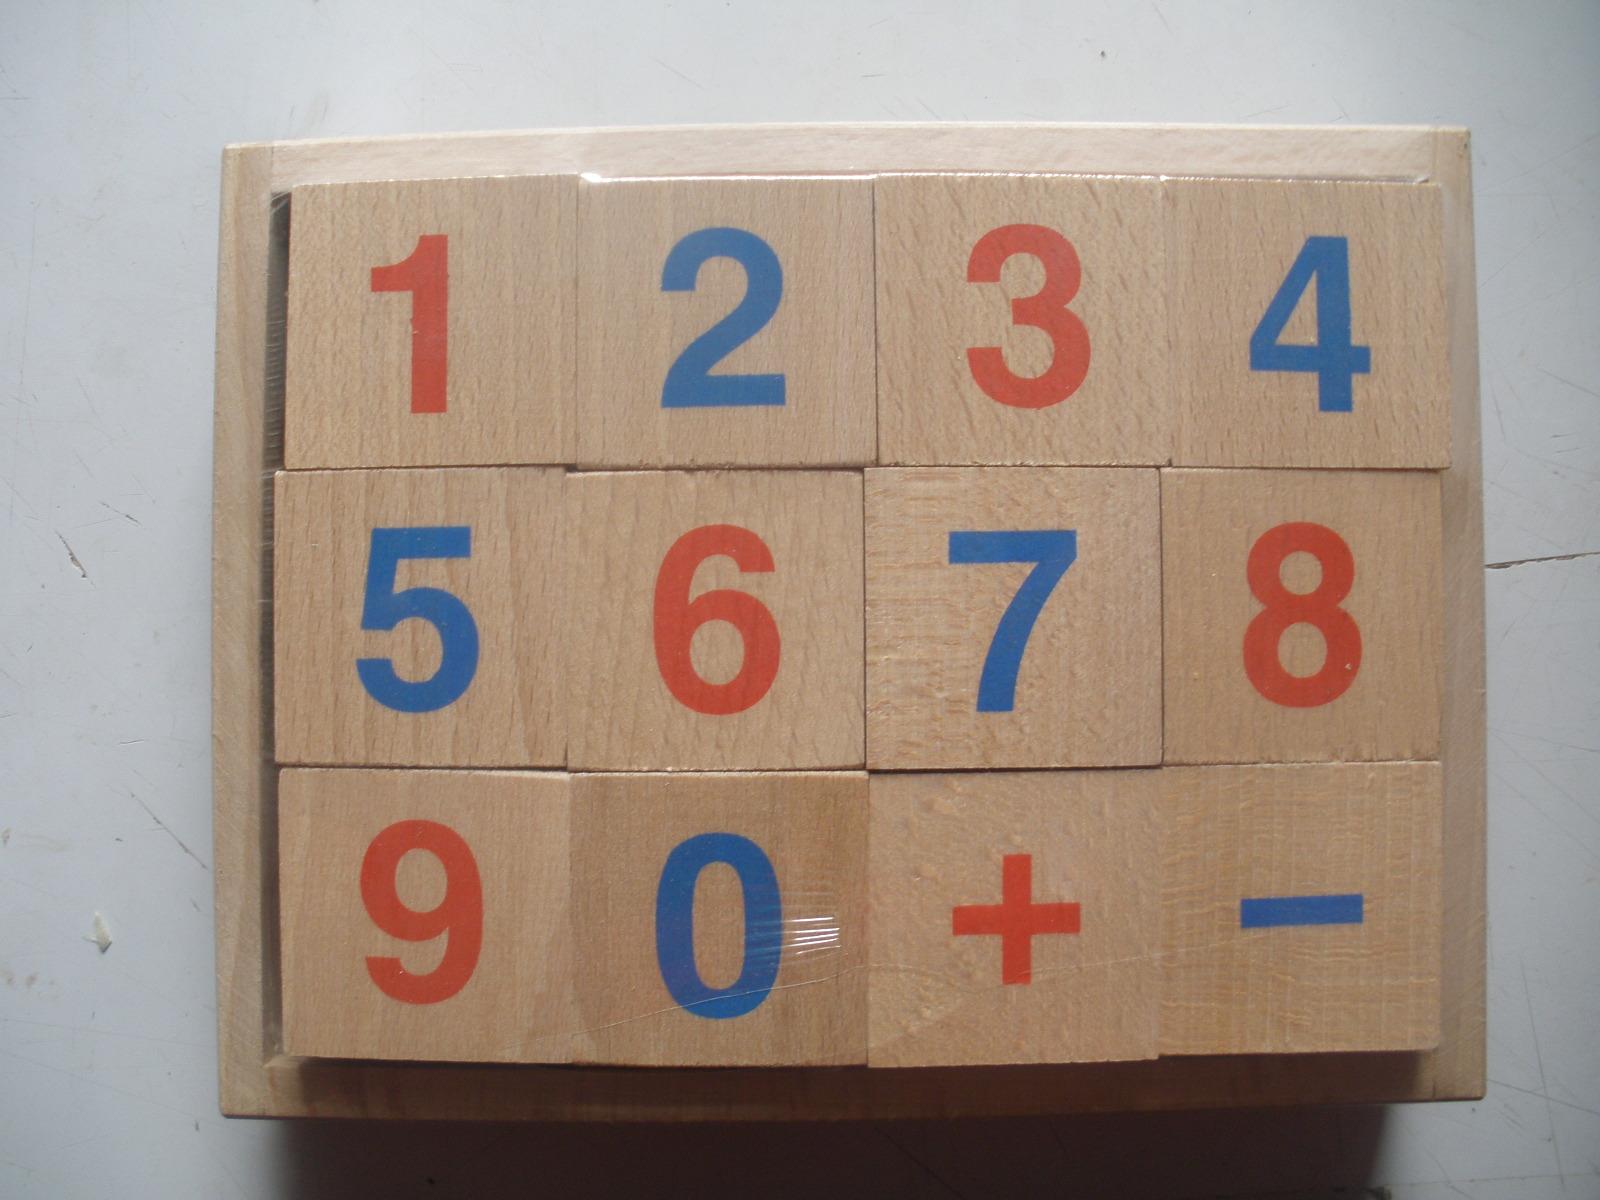 Farebné kocky (drevo) s číslami